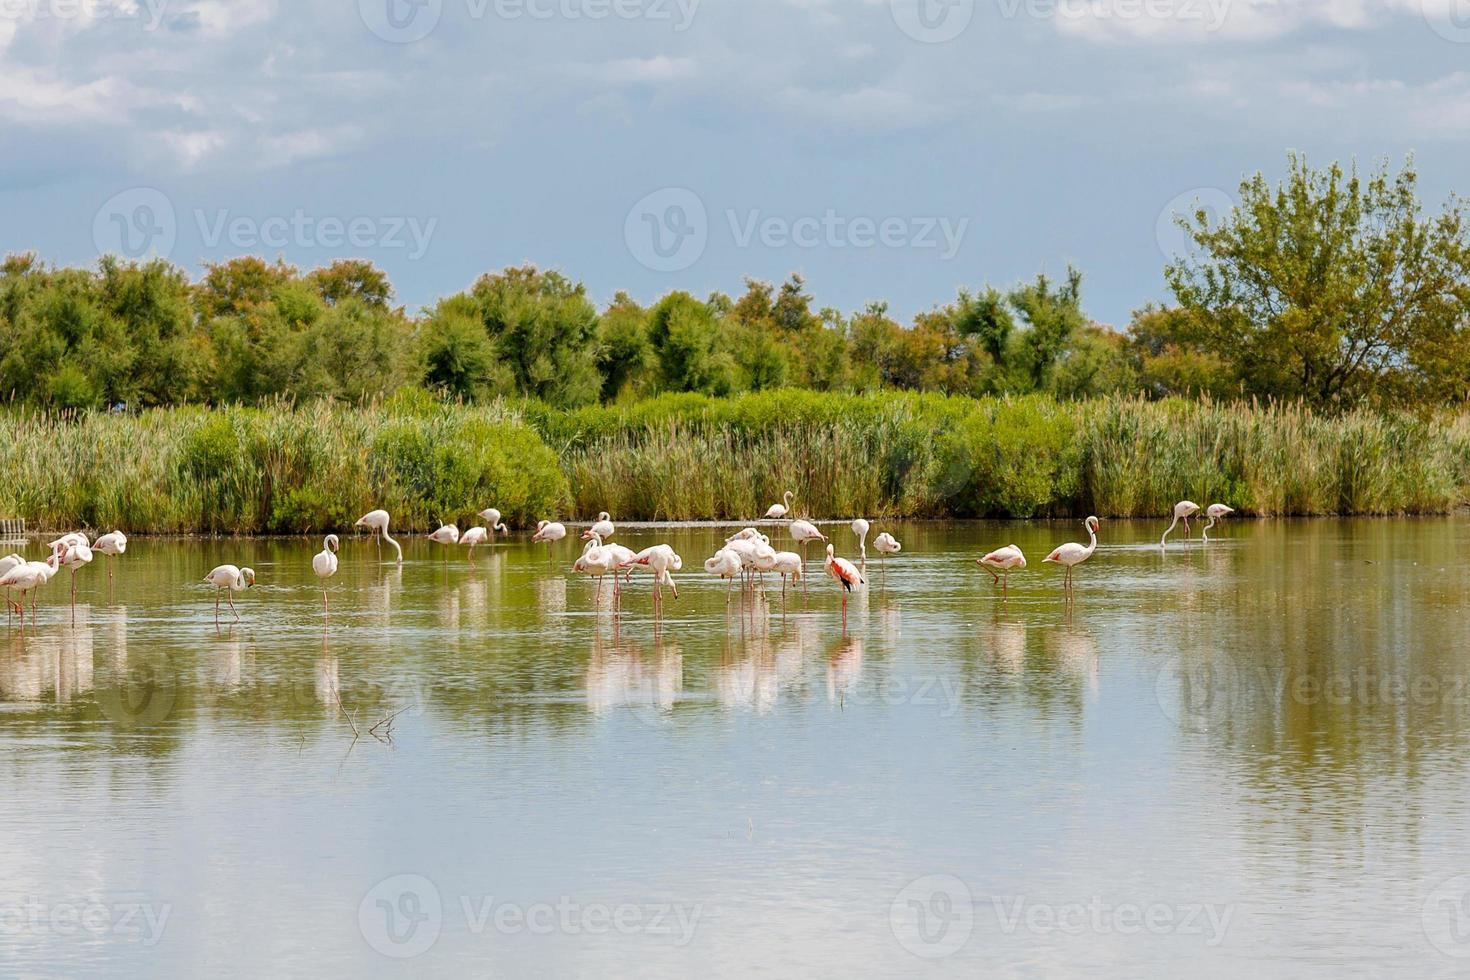 Oiseaux flamants sauvages dans le lac en france, camargue, provence photo